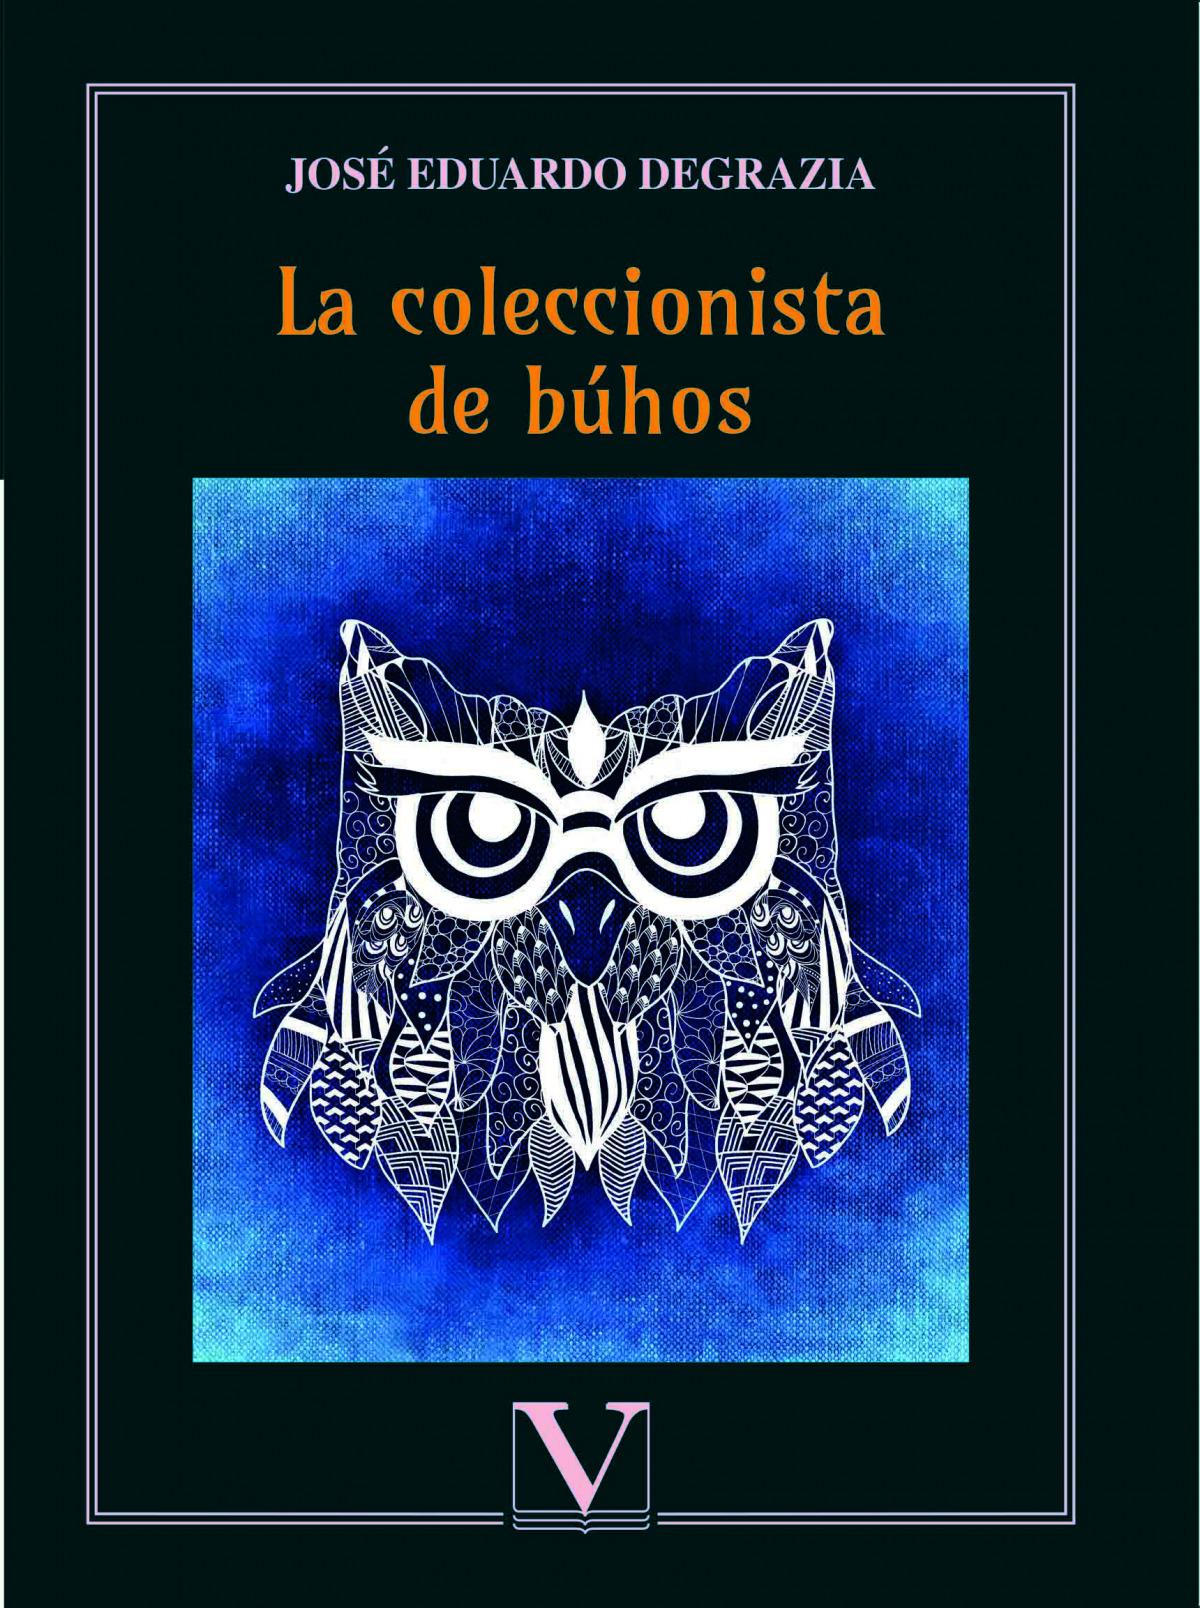 La coleccionista de búhos